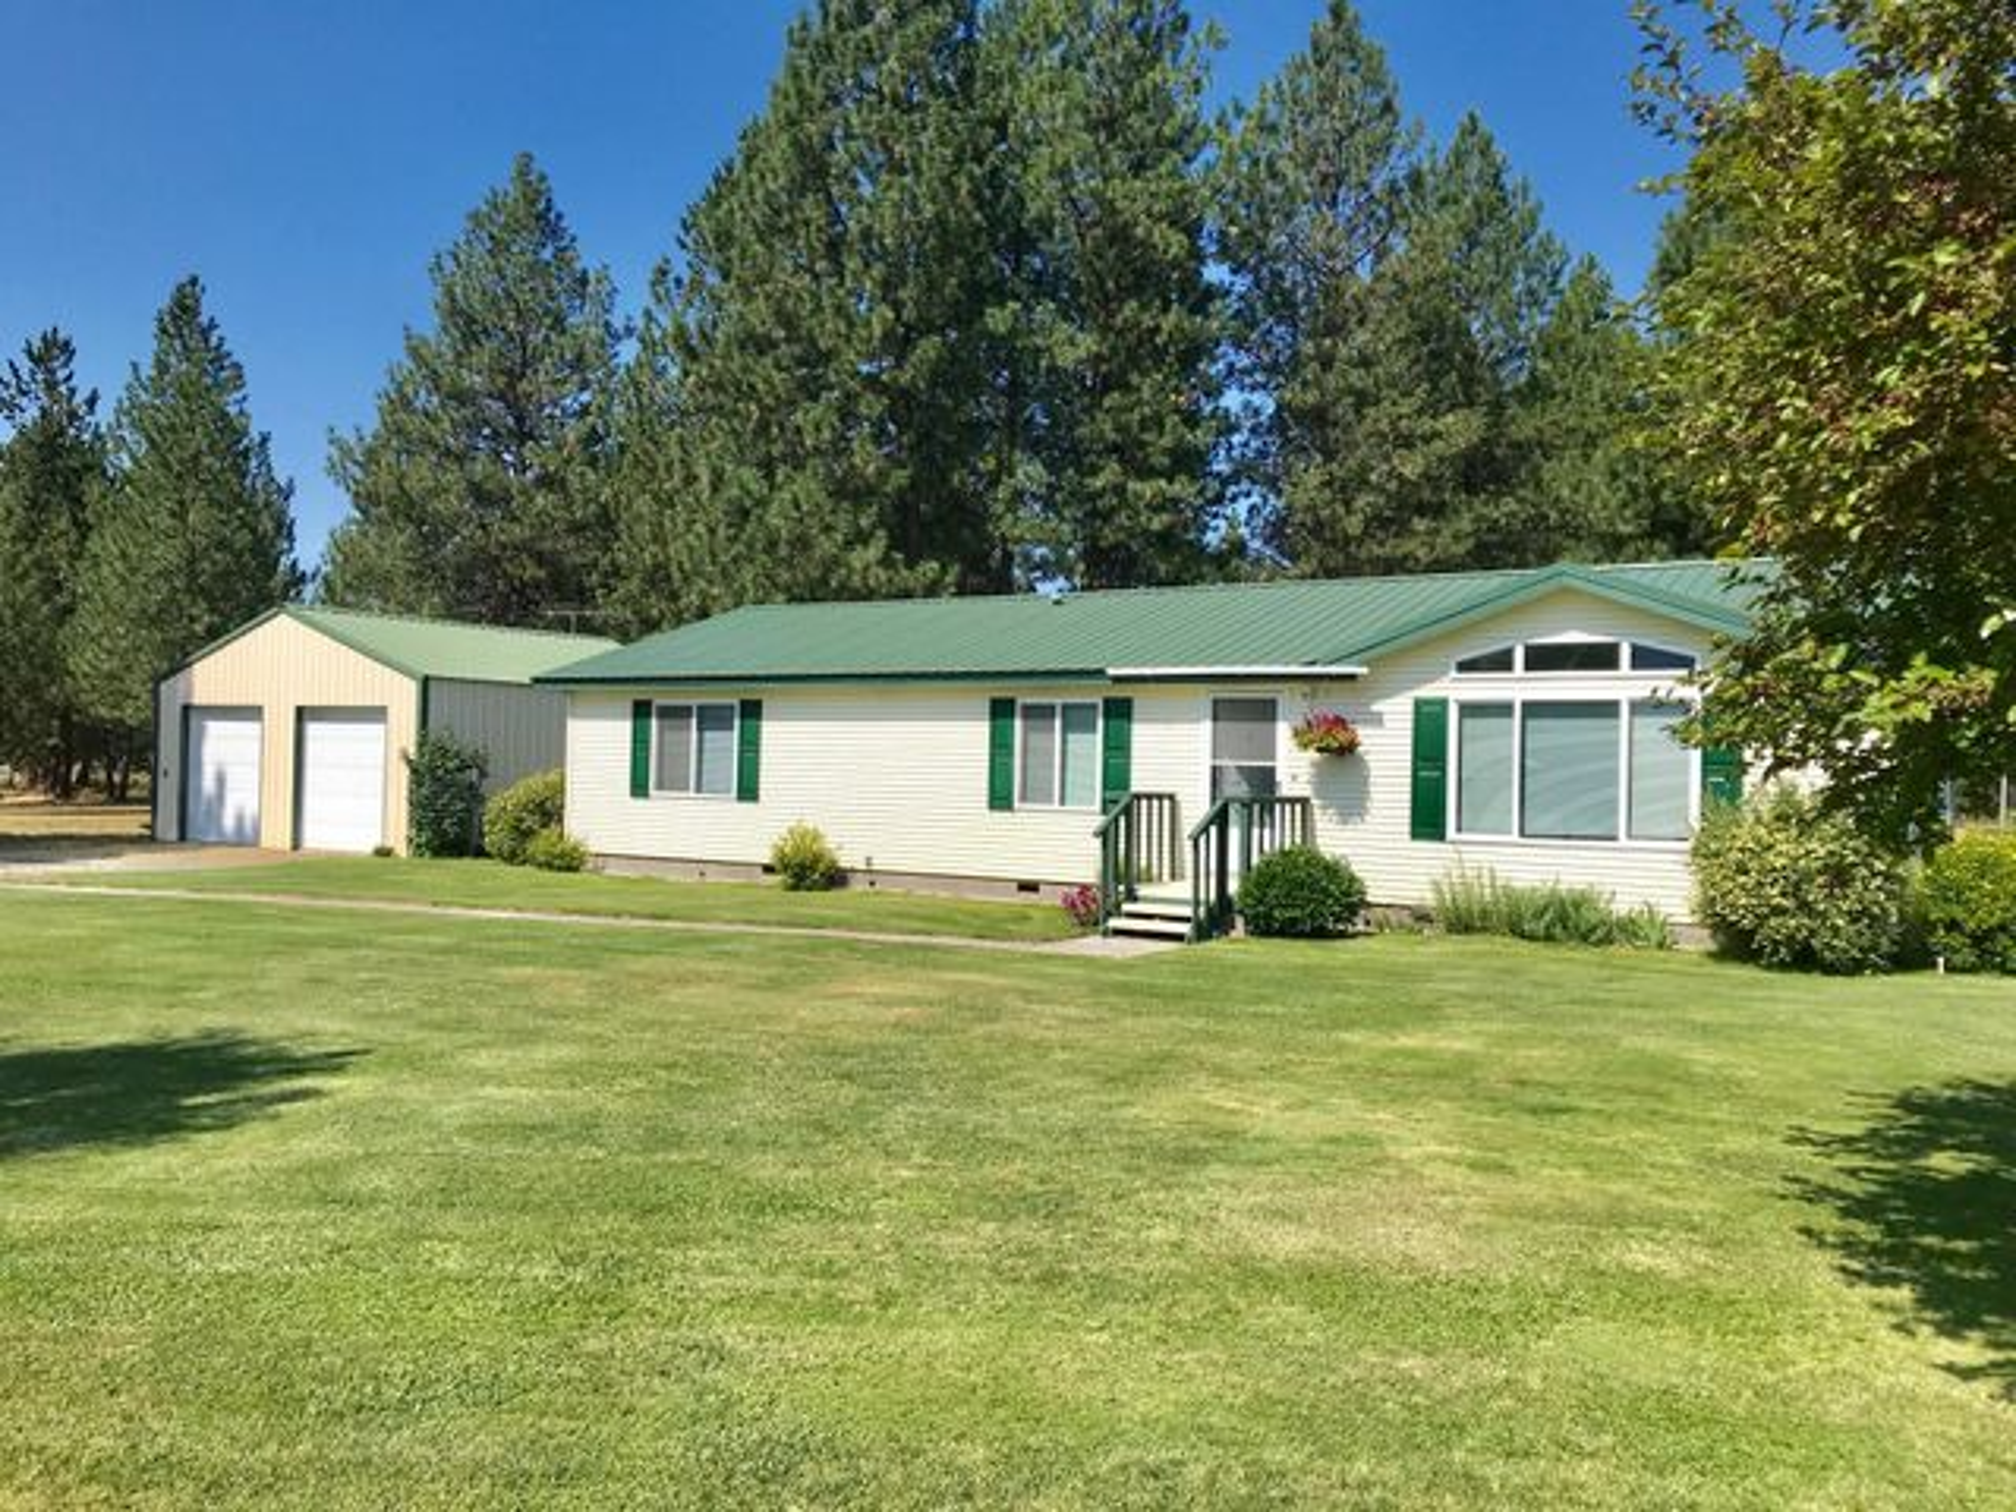 704 Southwood Court, Thompson Falls, MT 59873